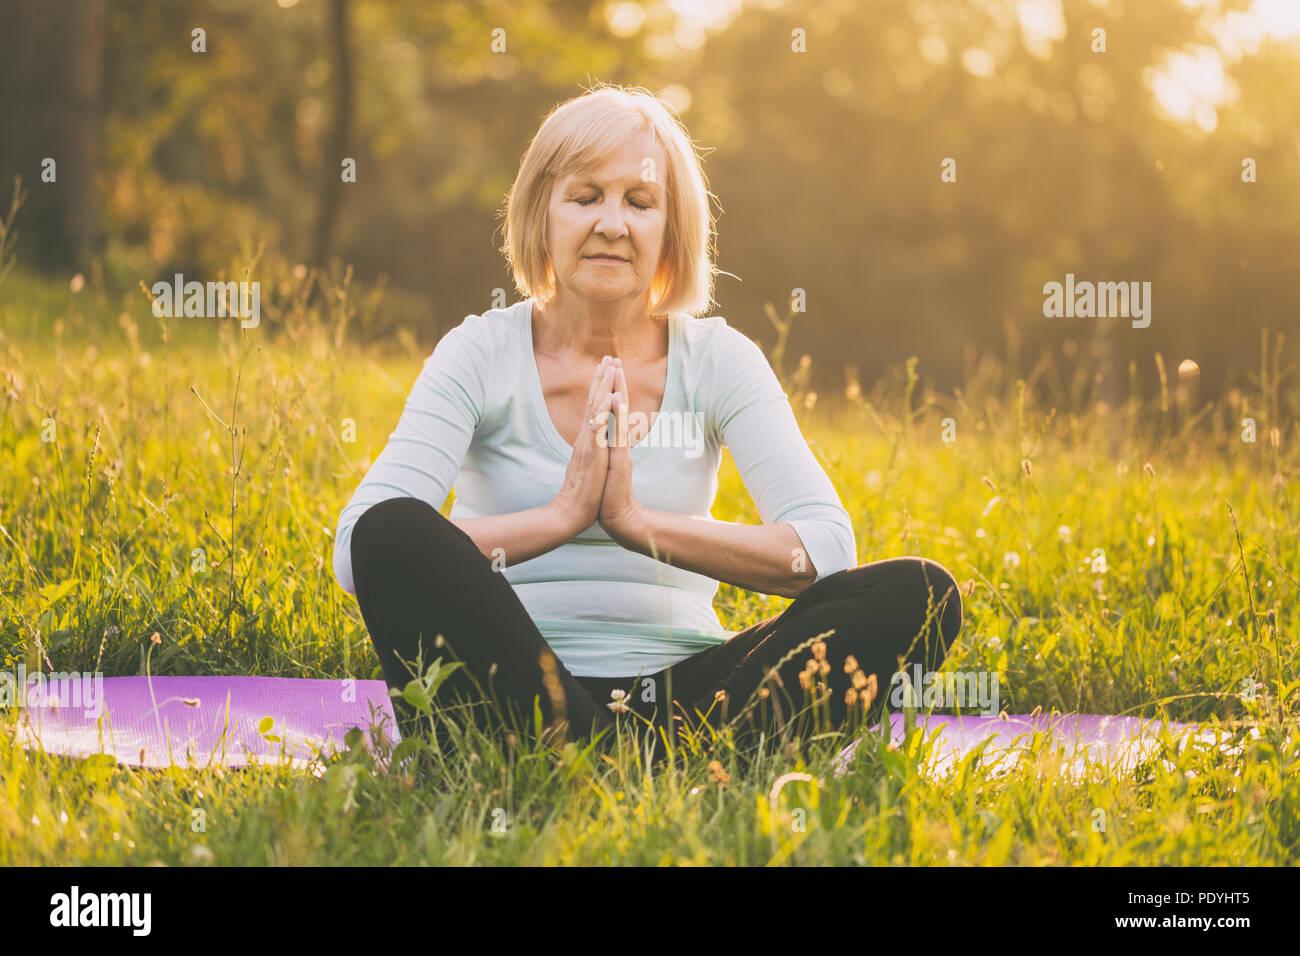 Senior woman bénéficie d'méditant dans la nature.Image est volontairement tonique. Photo Stock